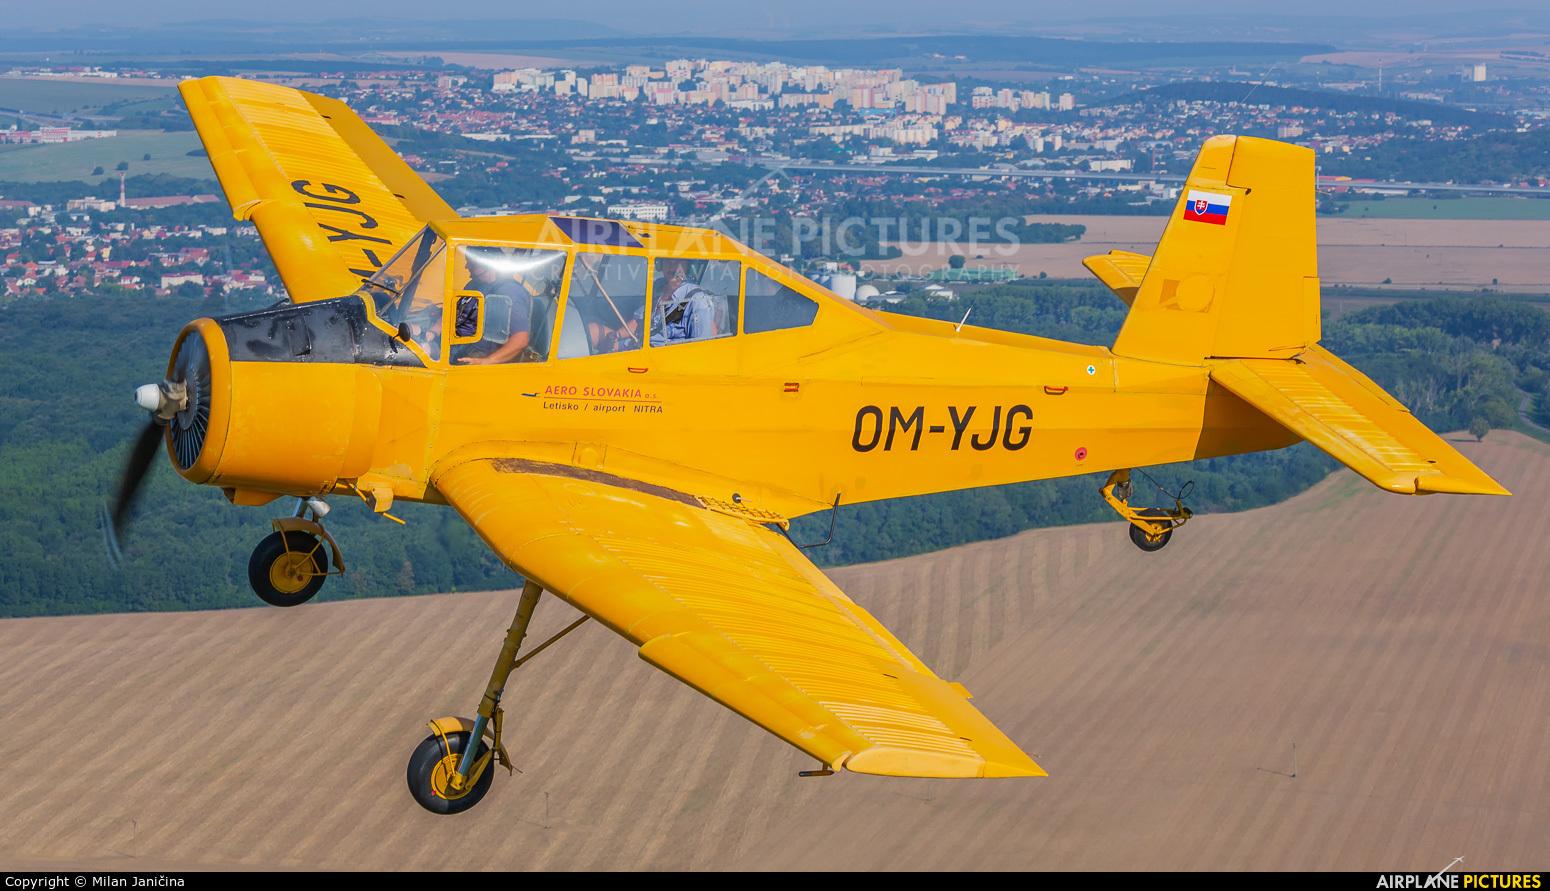 Aero Slovakia OM-YJG aircraft at In Flight - Slovakia